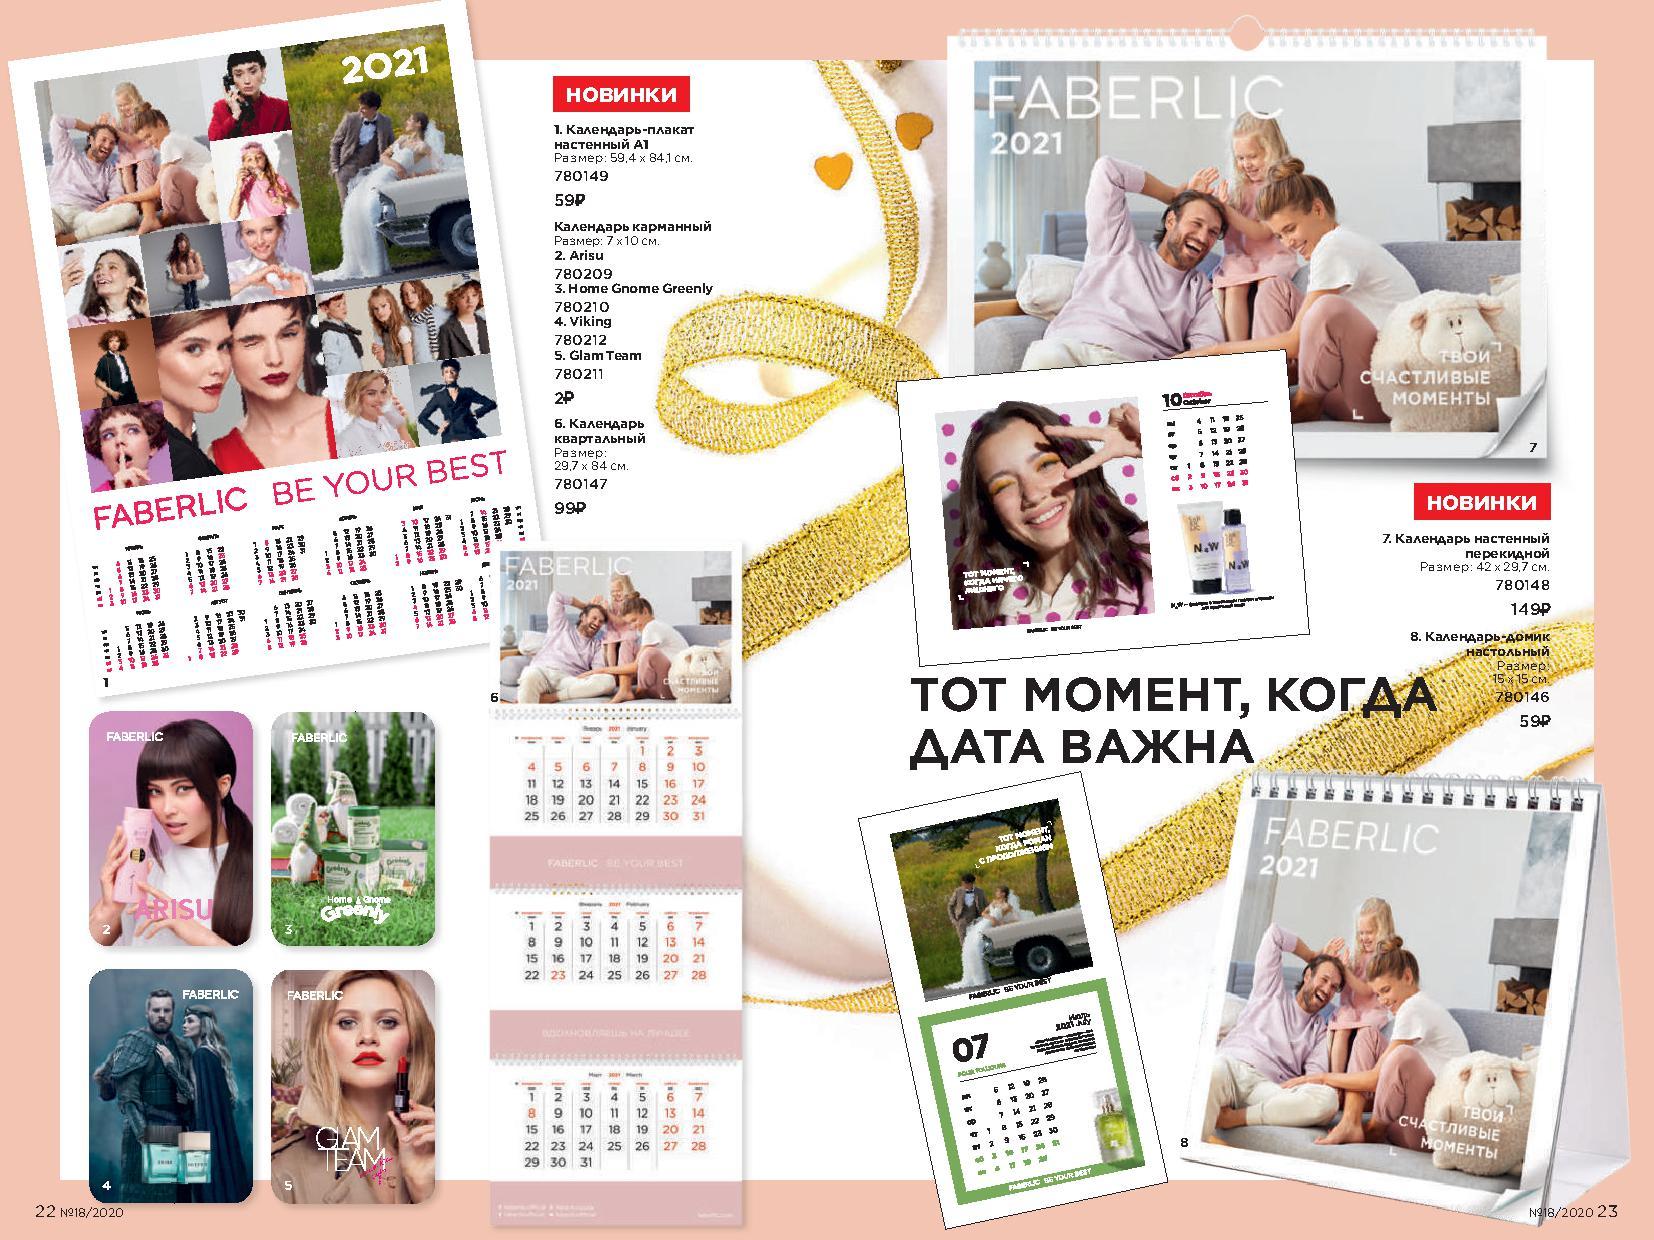 KATALOG-FABERLIK-STRANITSA-12